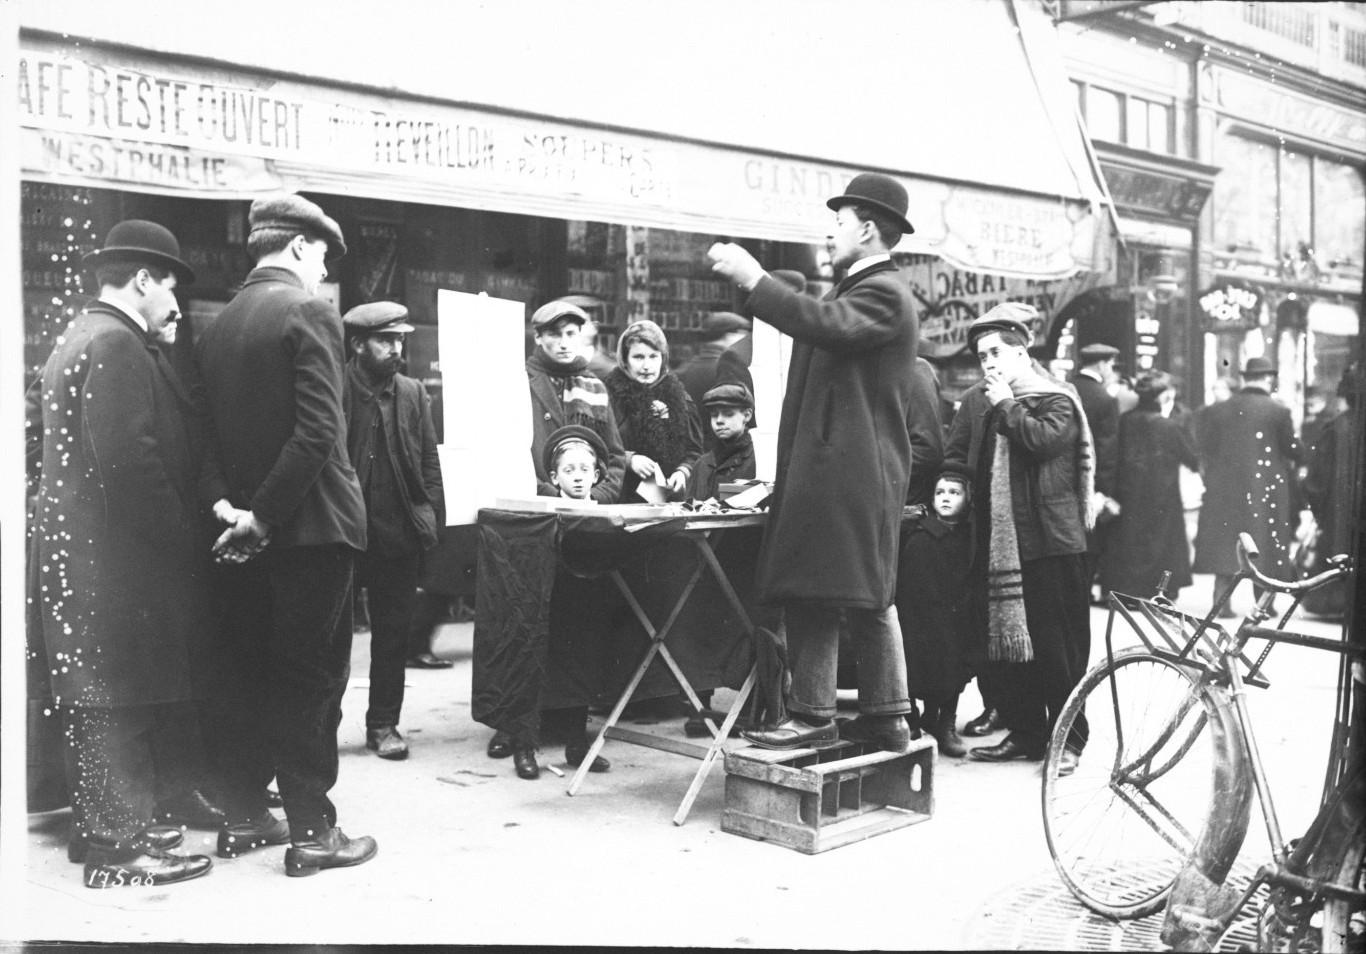 1912. Париж. Новогодний базар